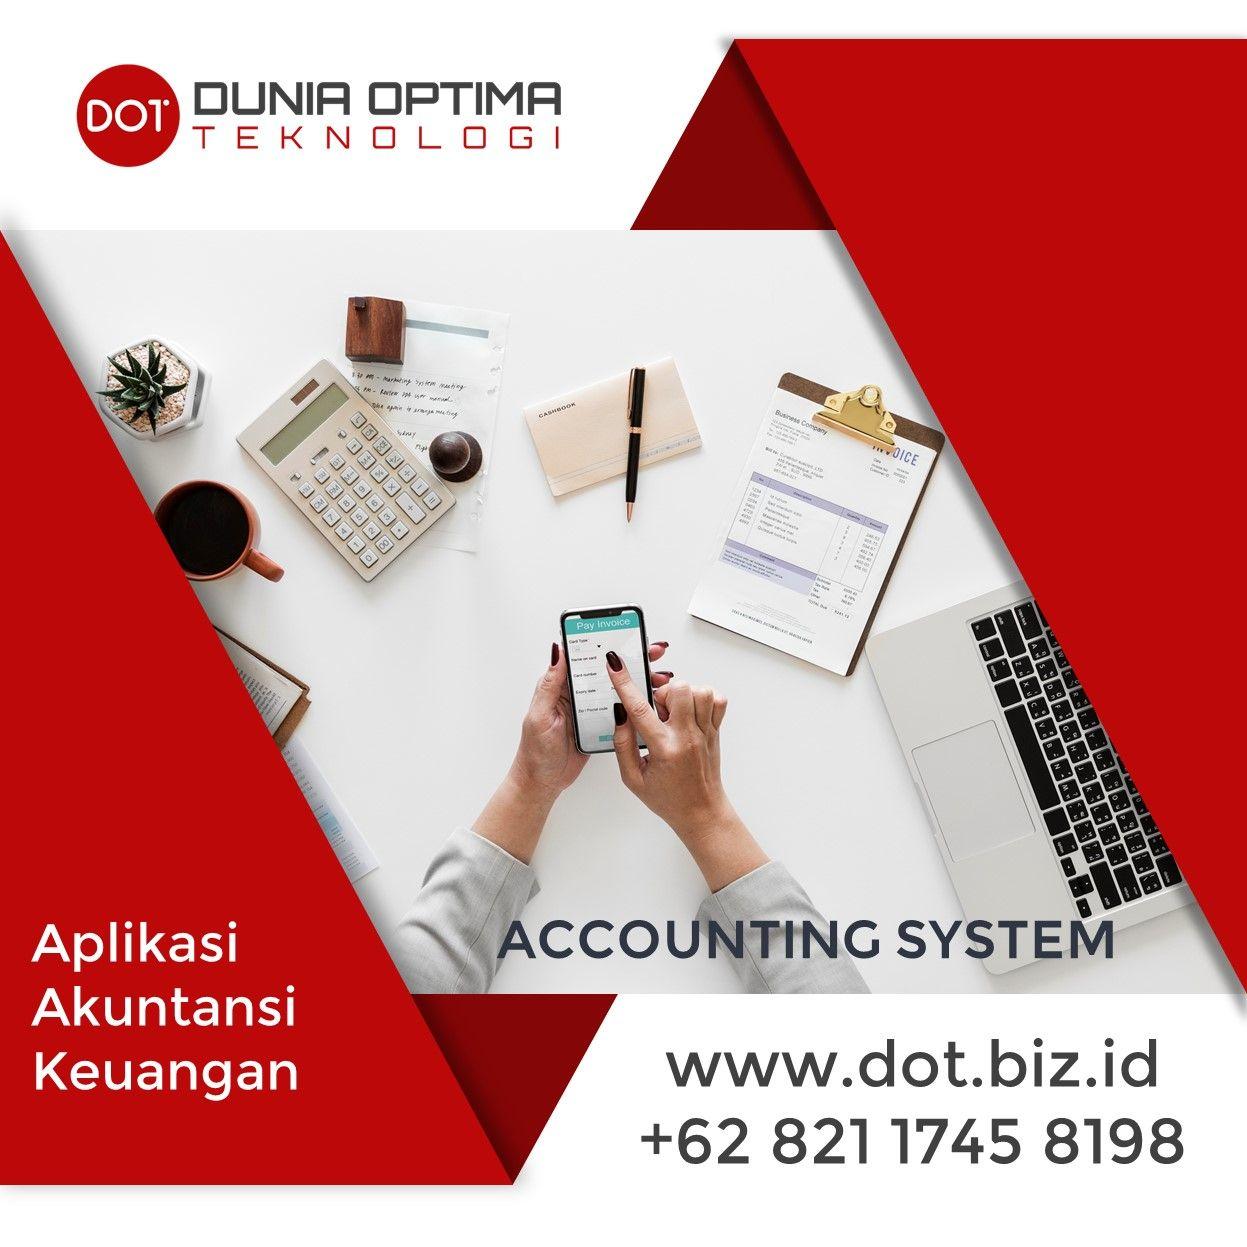 Aplikasi Akuntansi Keuangan Akuntansi Keuangan Aplikasi Keuangan